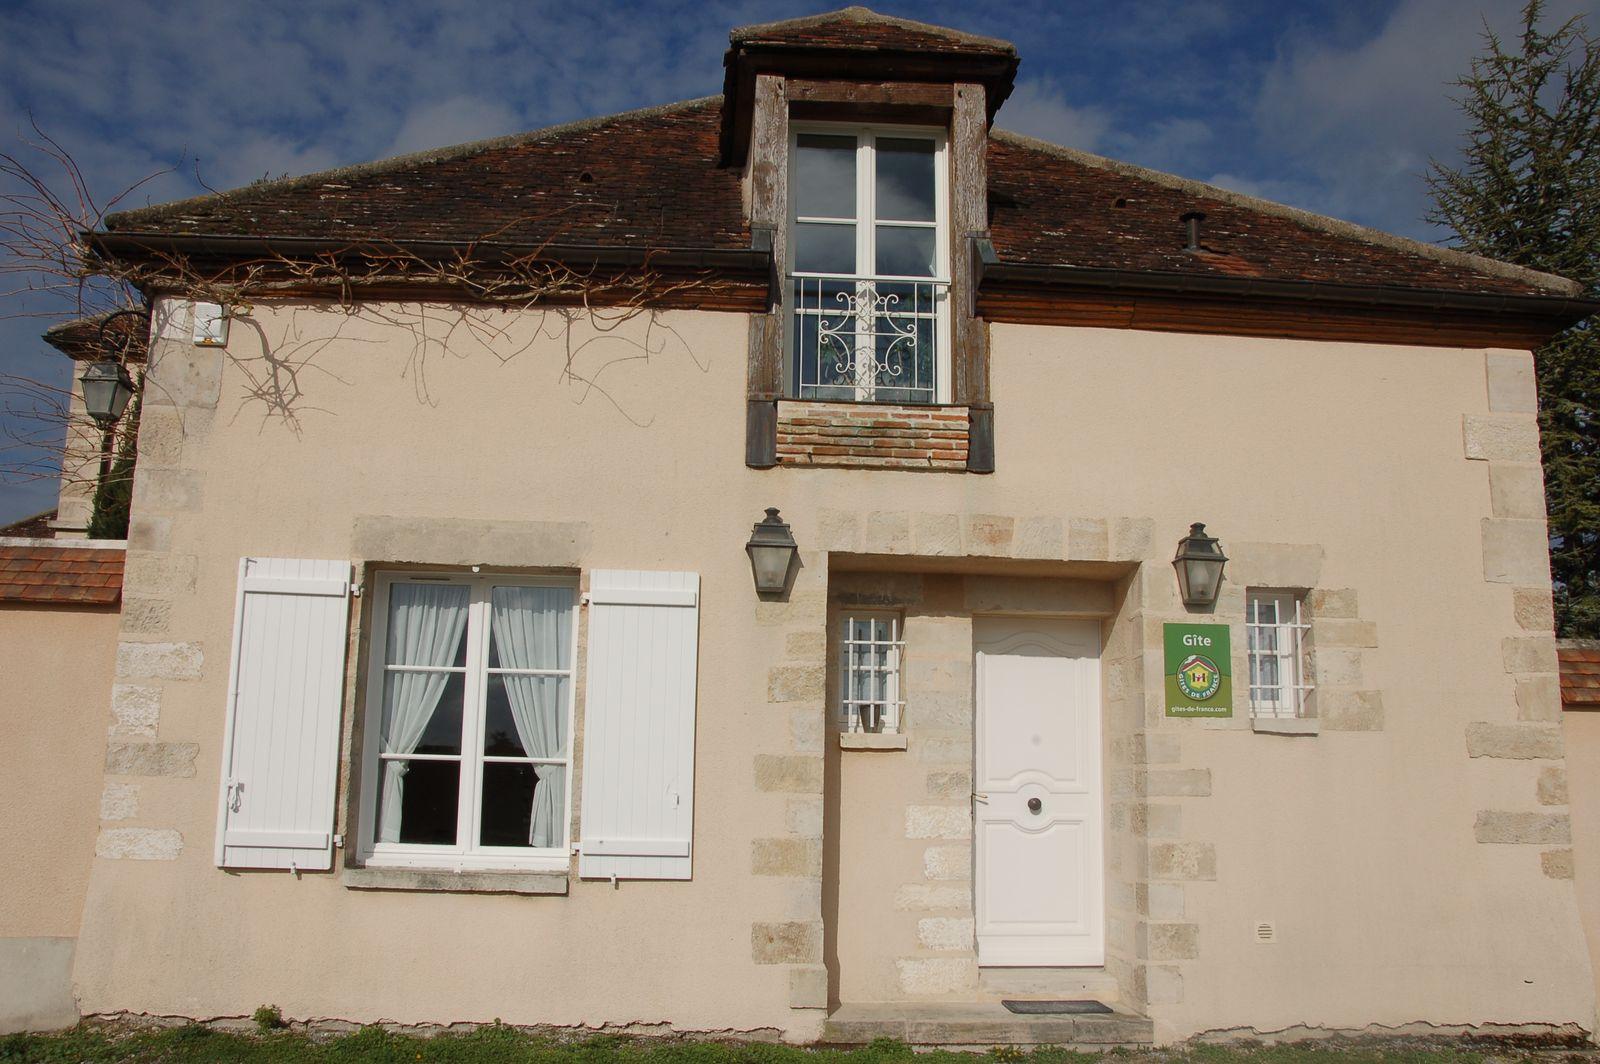 Entrée principale de notre 51G465 - Le Cabanon Champenois - Ambonnay - Gîtes de France Marne